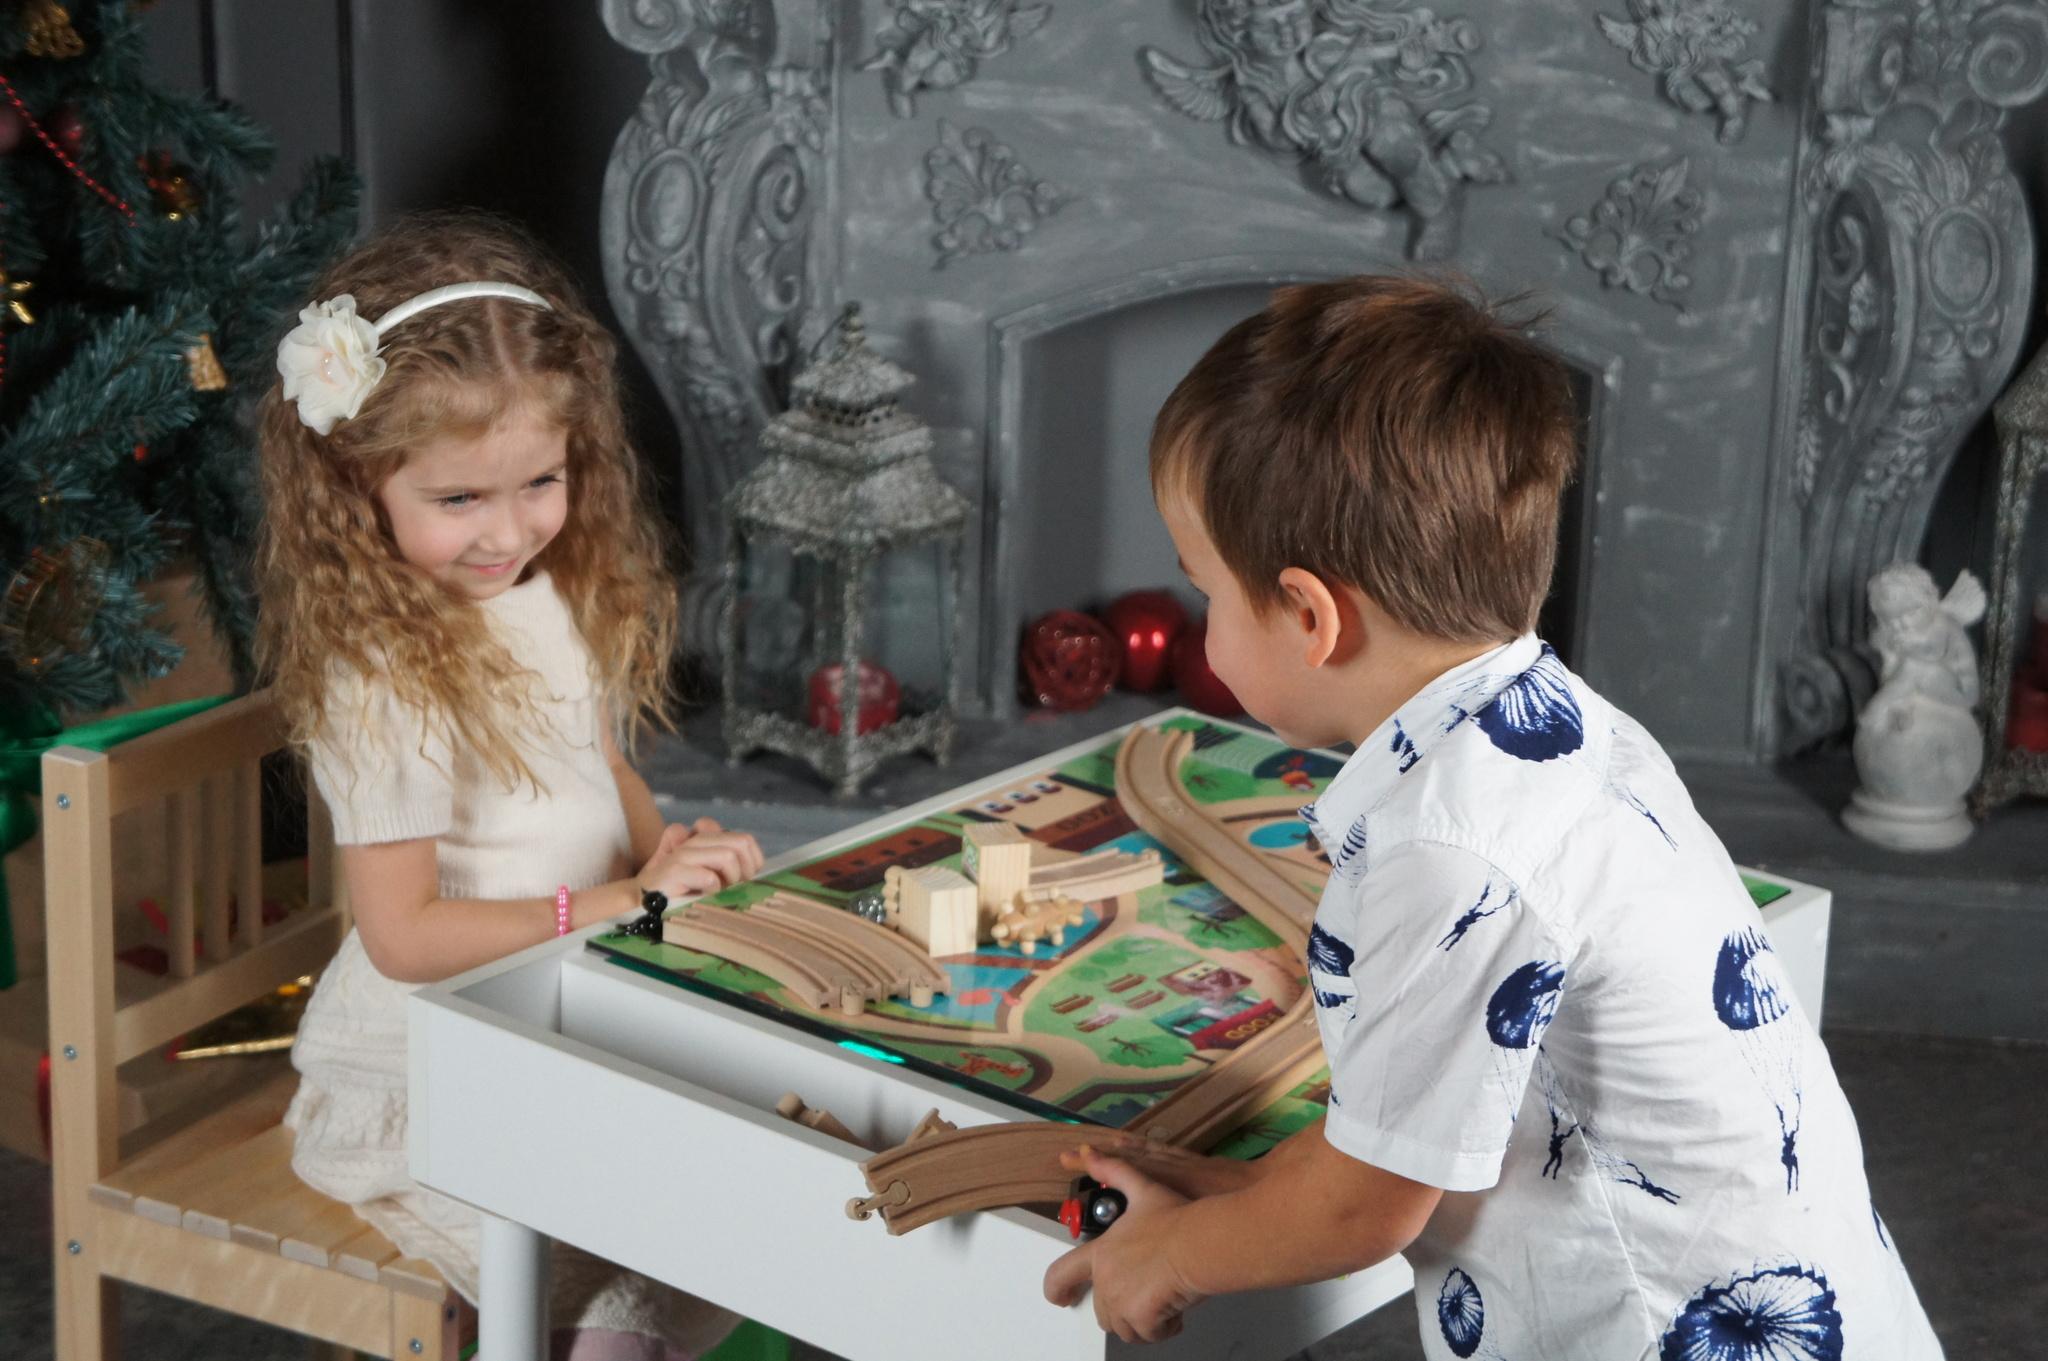 Девочка 4 года сидит за игровым столом